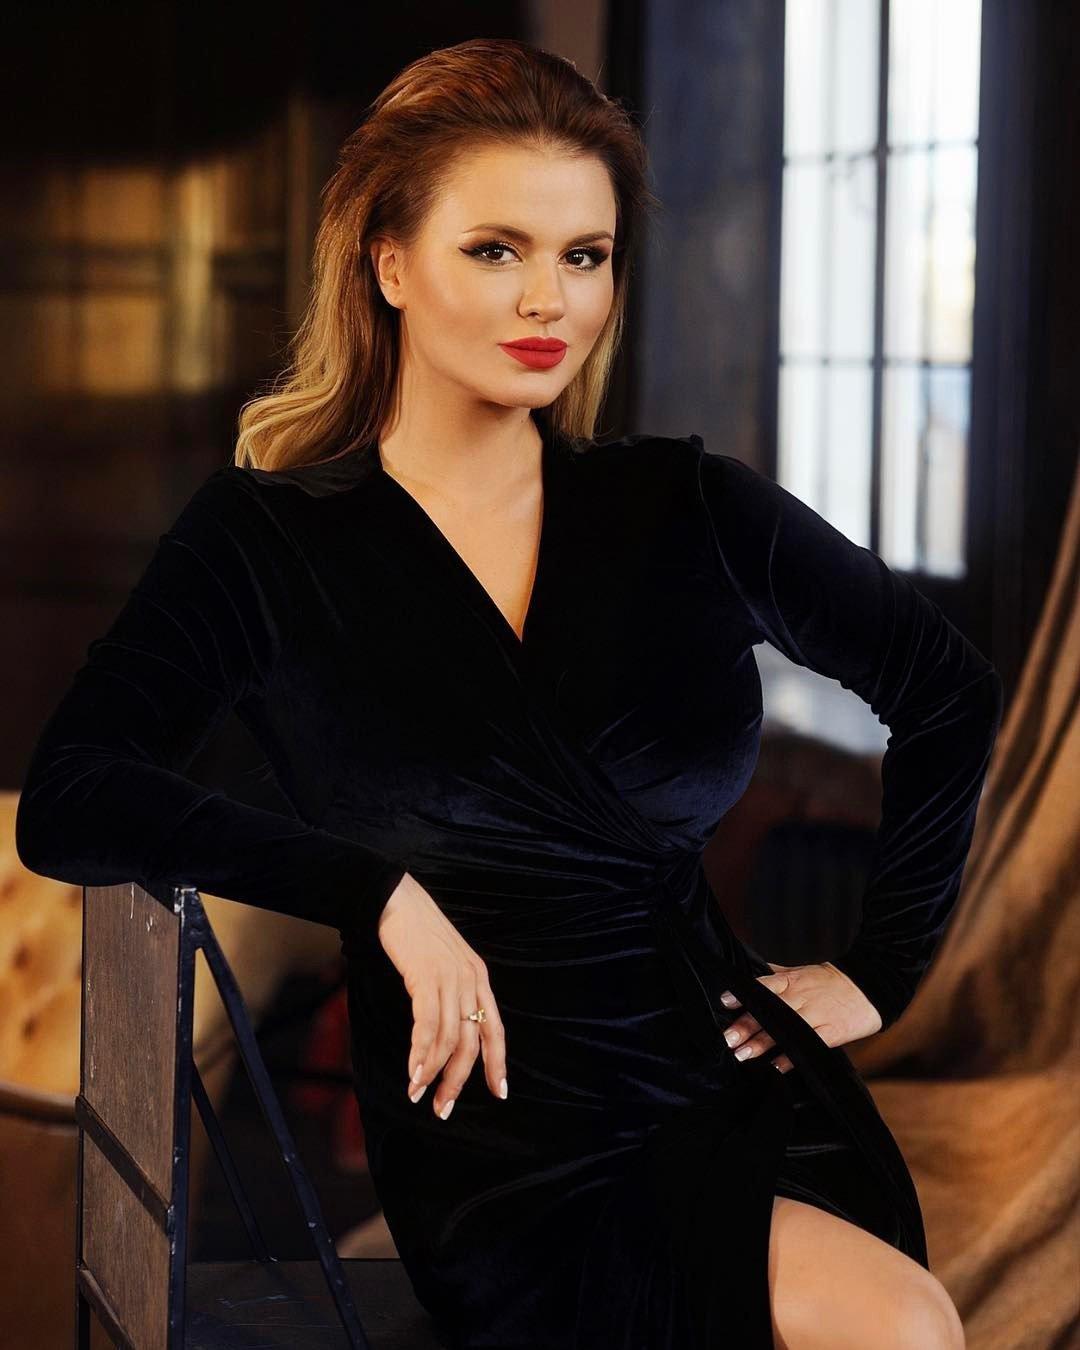 Семенович устроила скандал вЦуме из-за 100 руб. завход втуалет